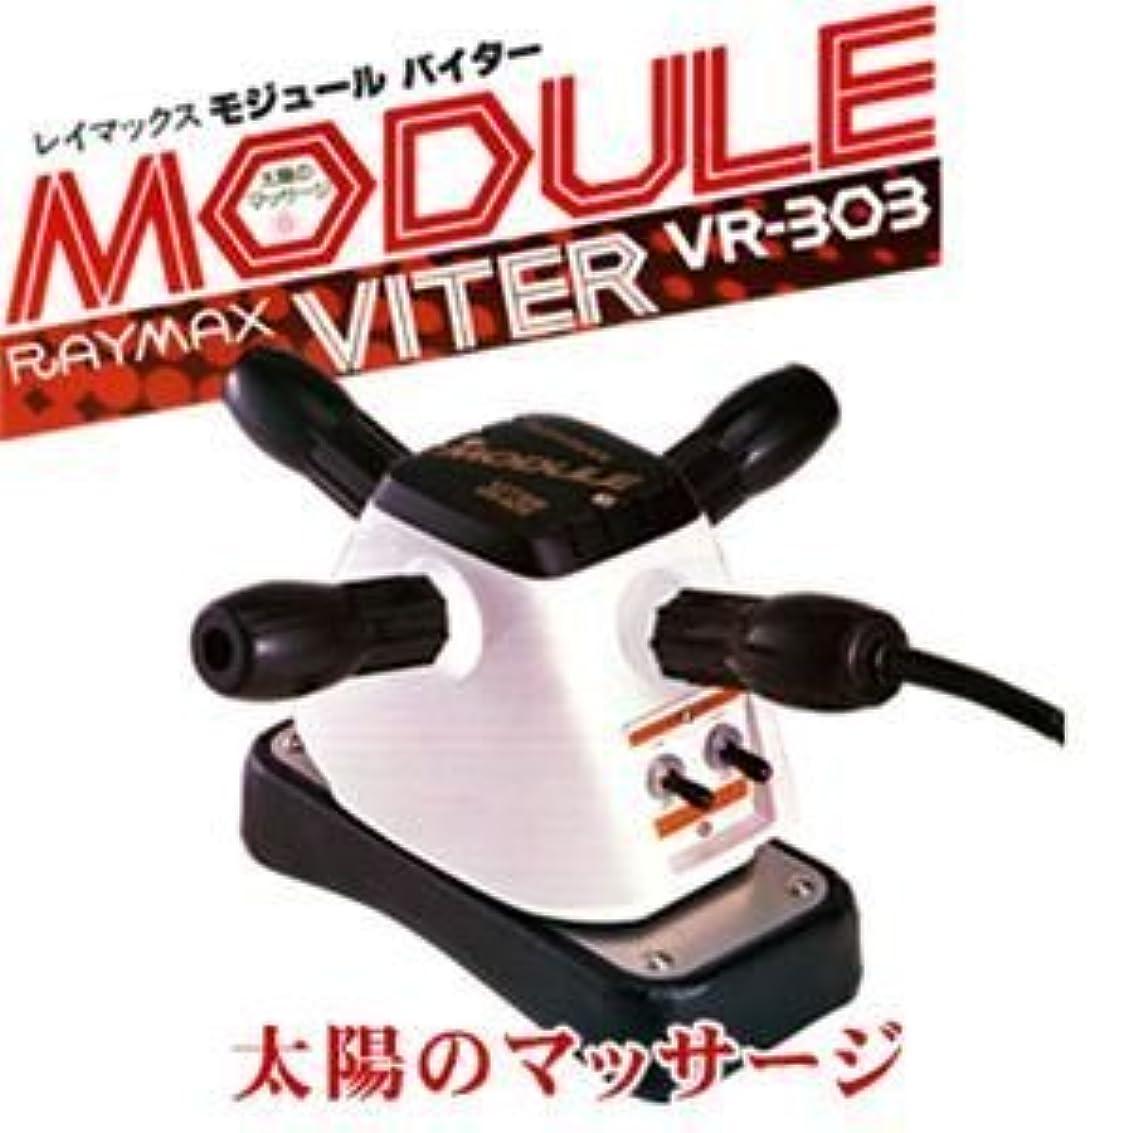 ガジュマル歯車かすかなRAYMAX(レイマックス) モジュールバイター VR-303